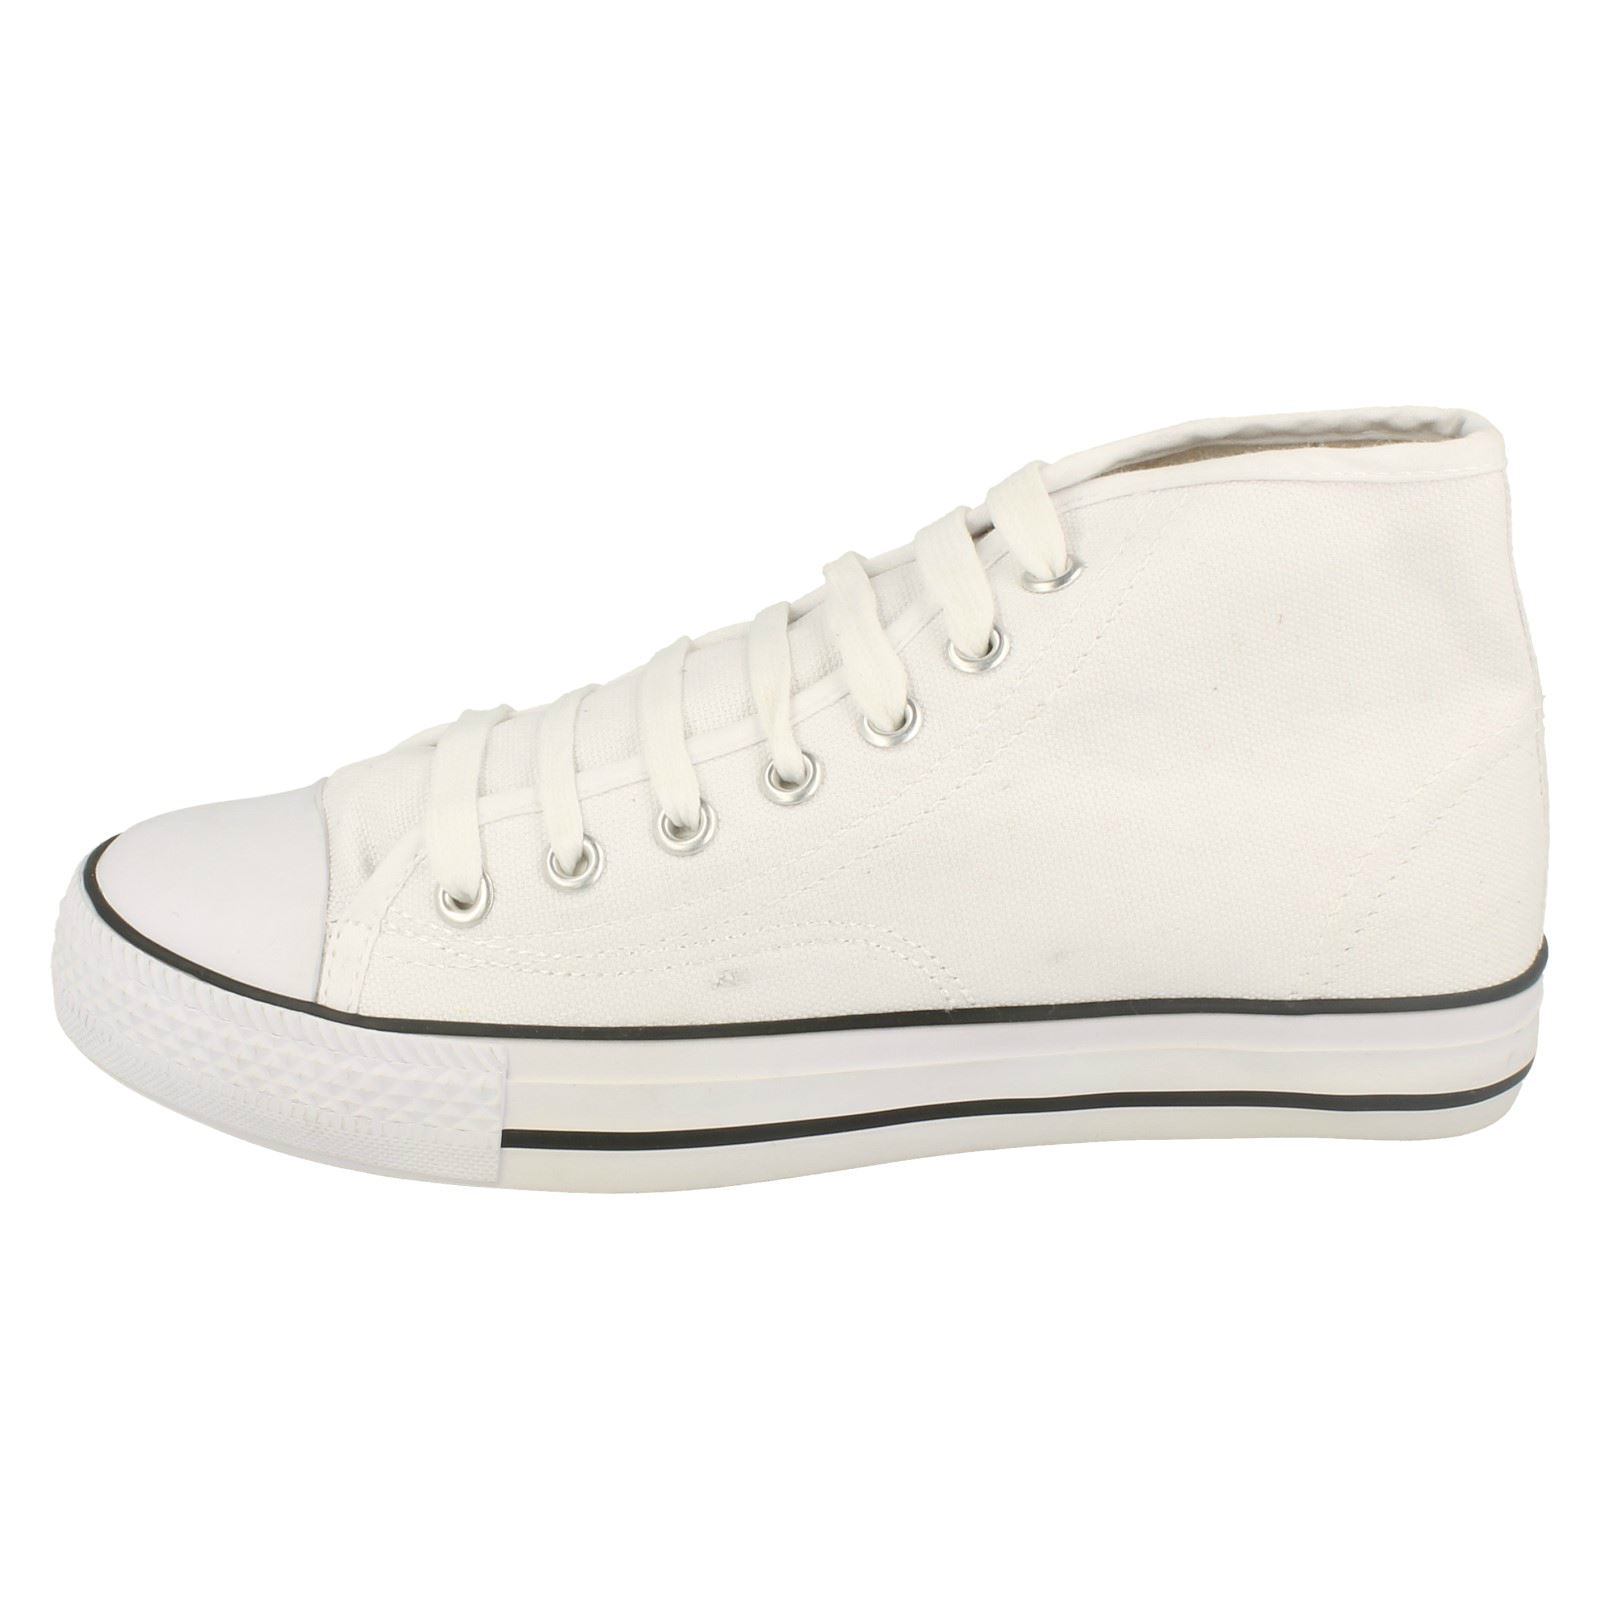 Spot-On-Chaussures-hautes-en-toile-Homme-KM565 miniature 5